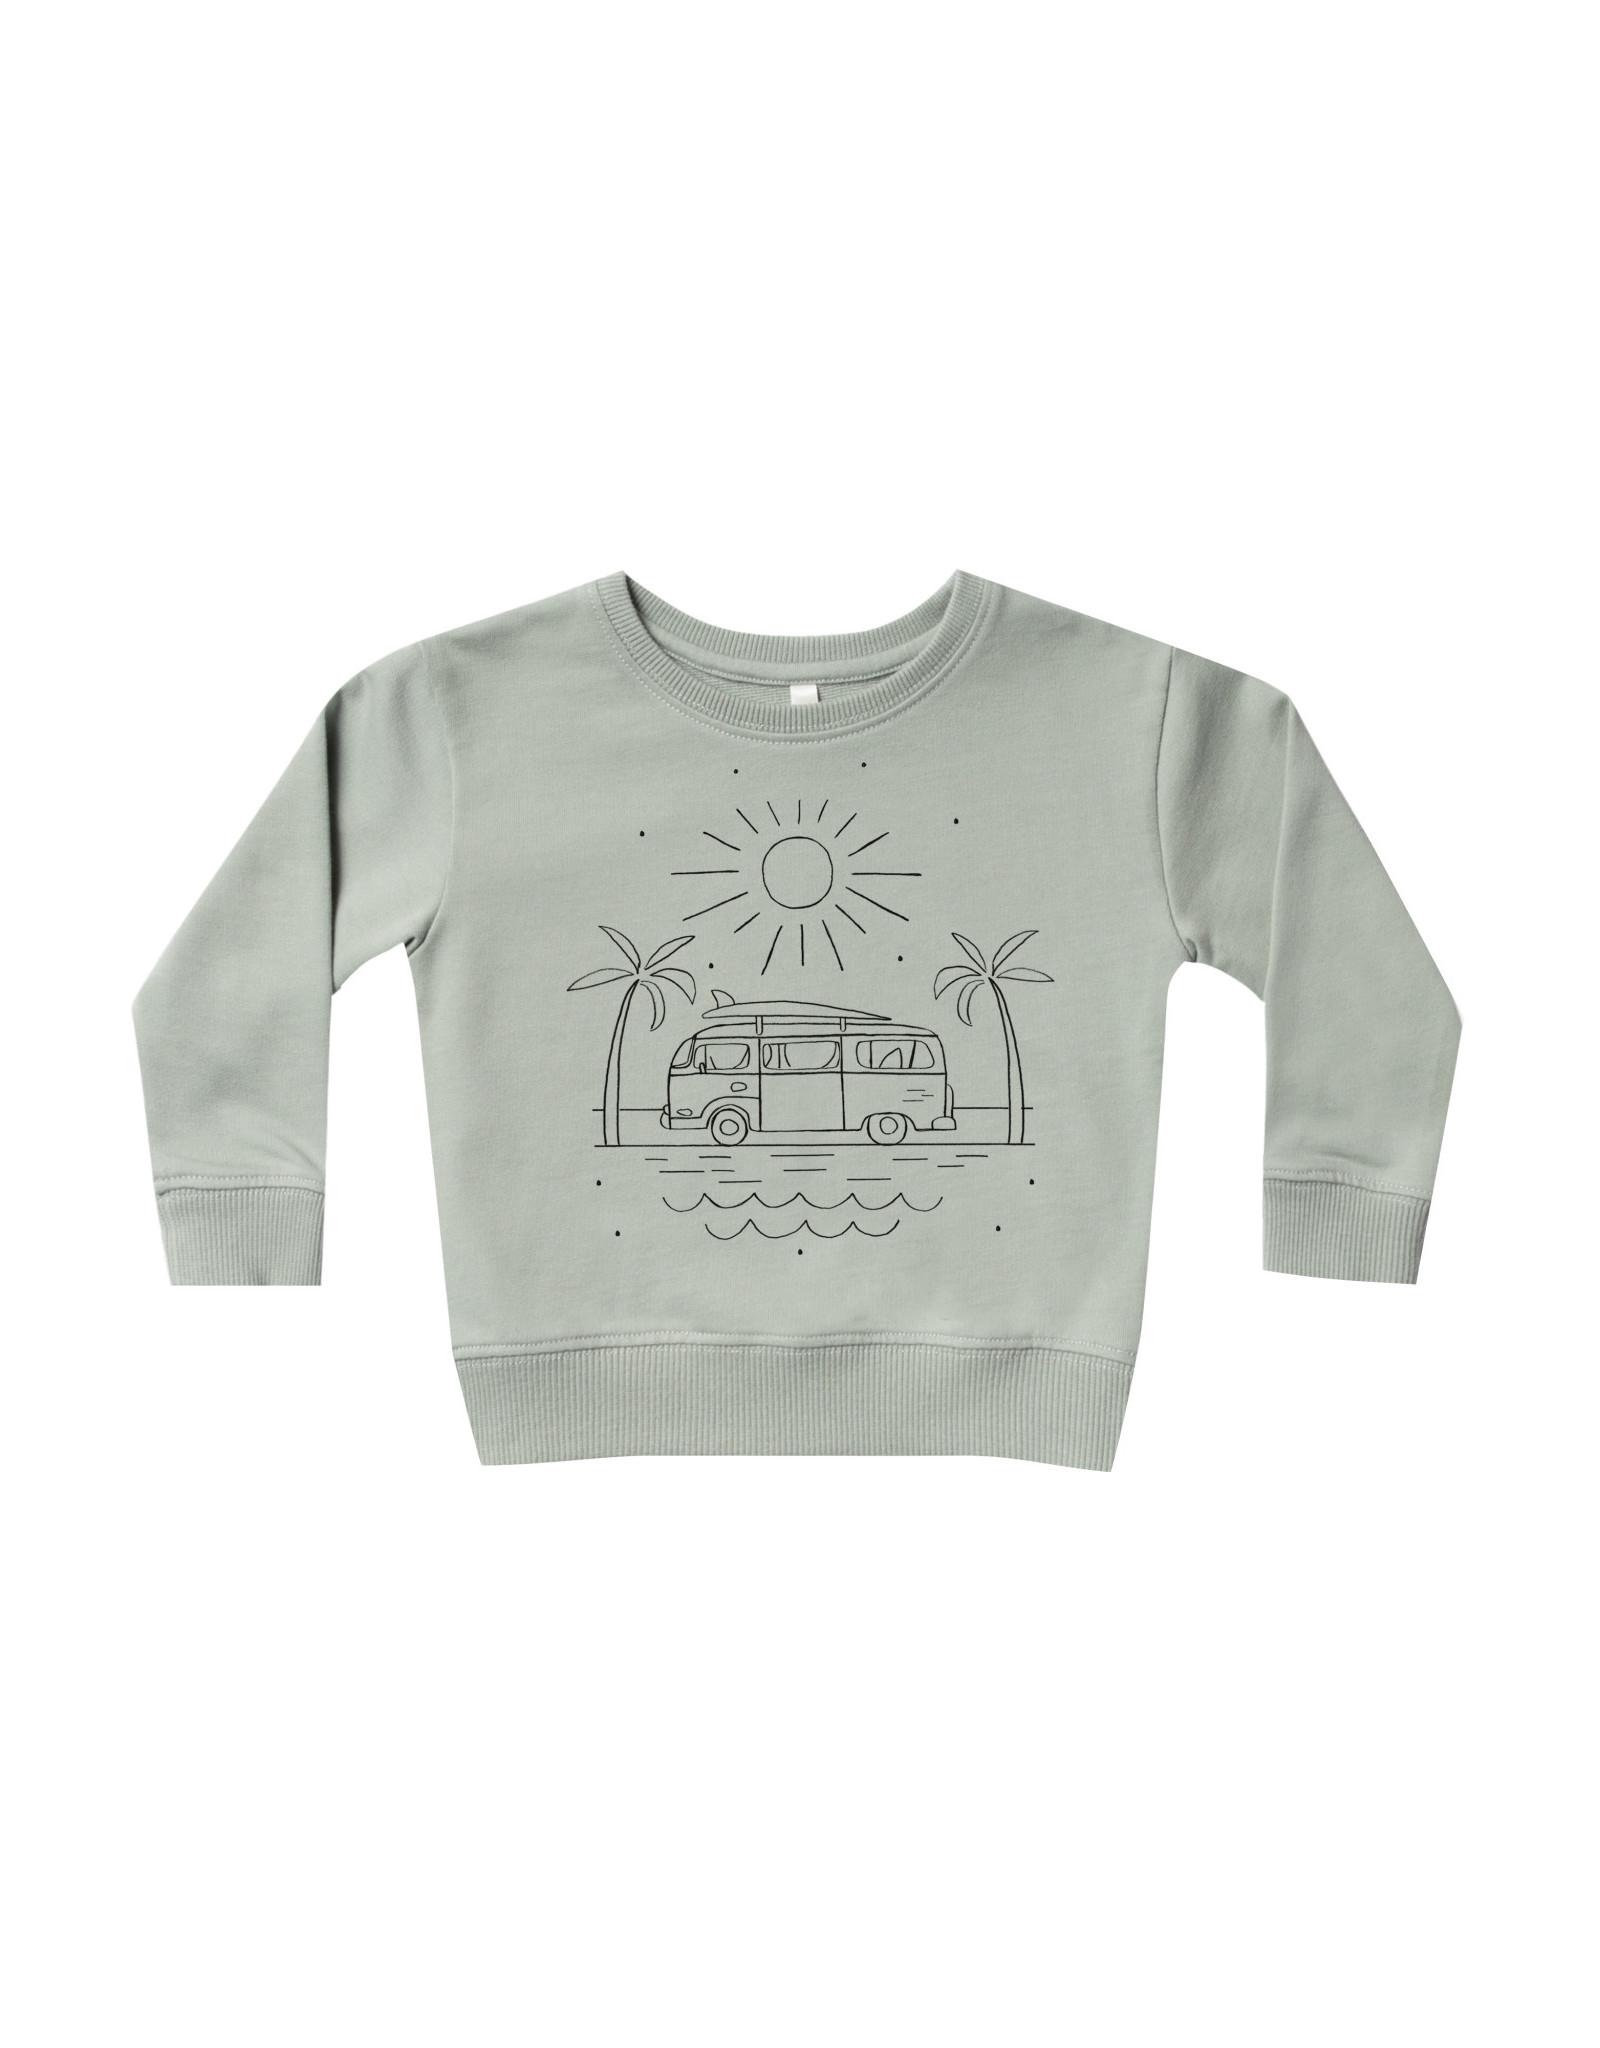 Rylee + Cru Rylee + Cru Coast Sweatshirt